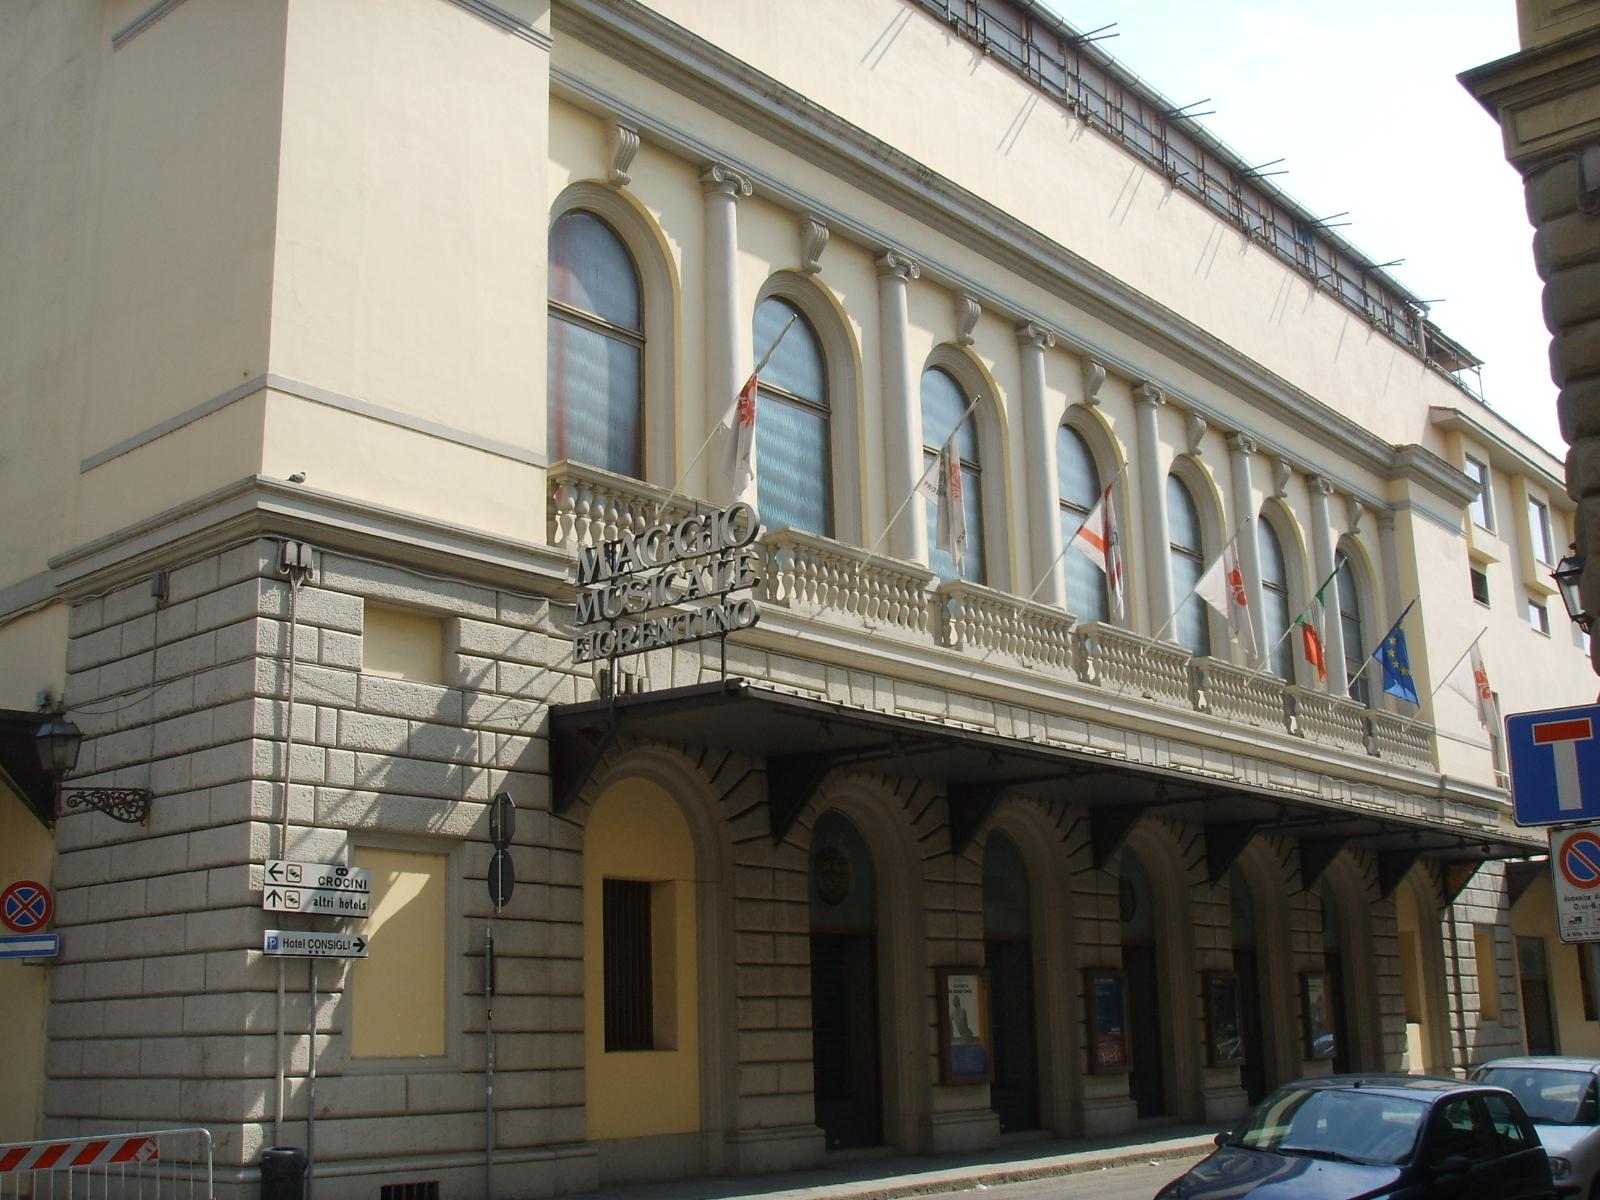 Teatro del Maggio Musicale Fiorentino, Florence: All year